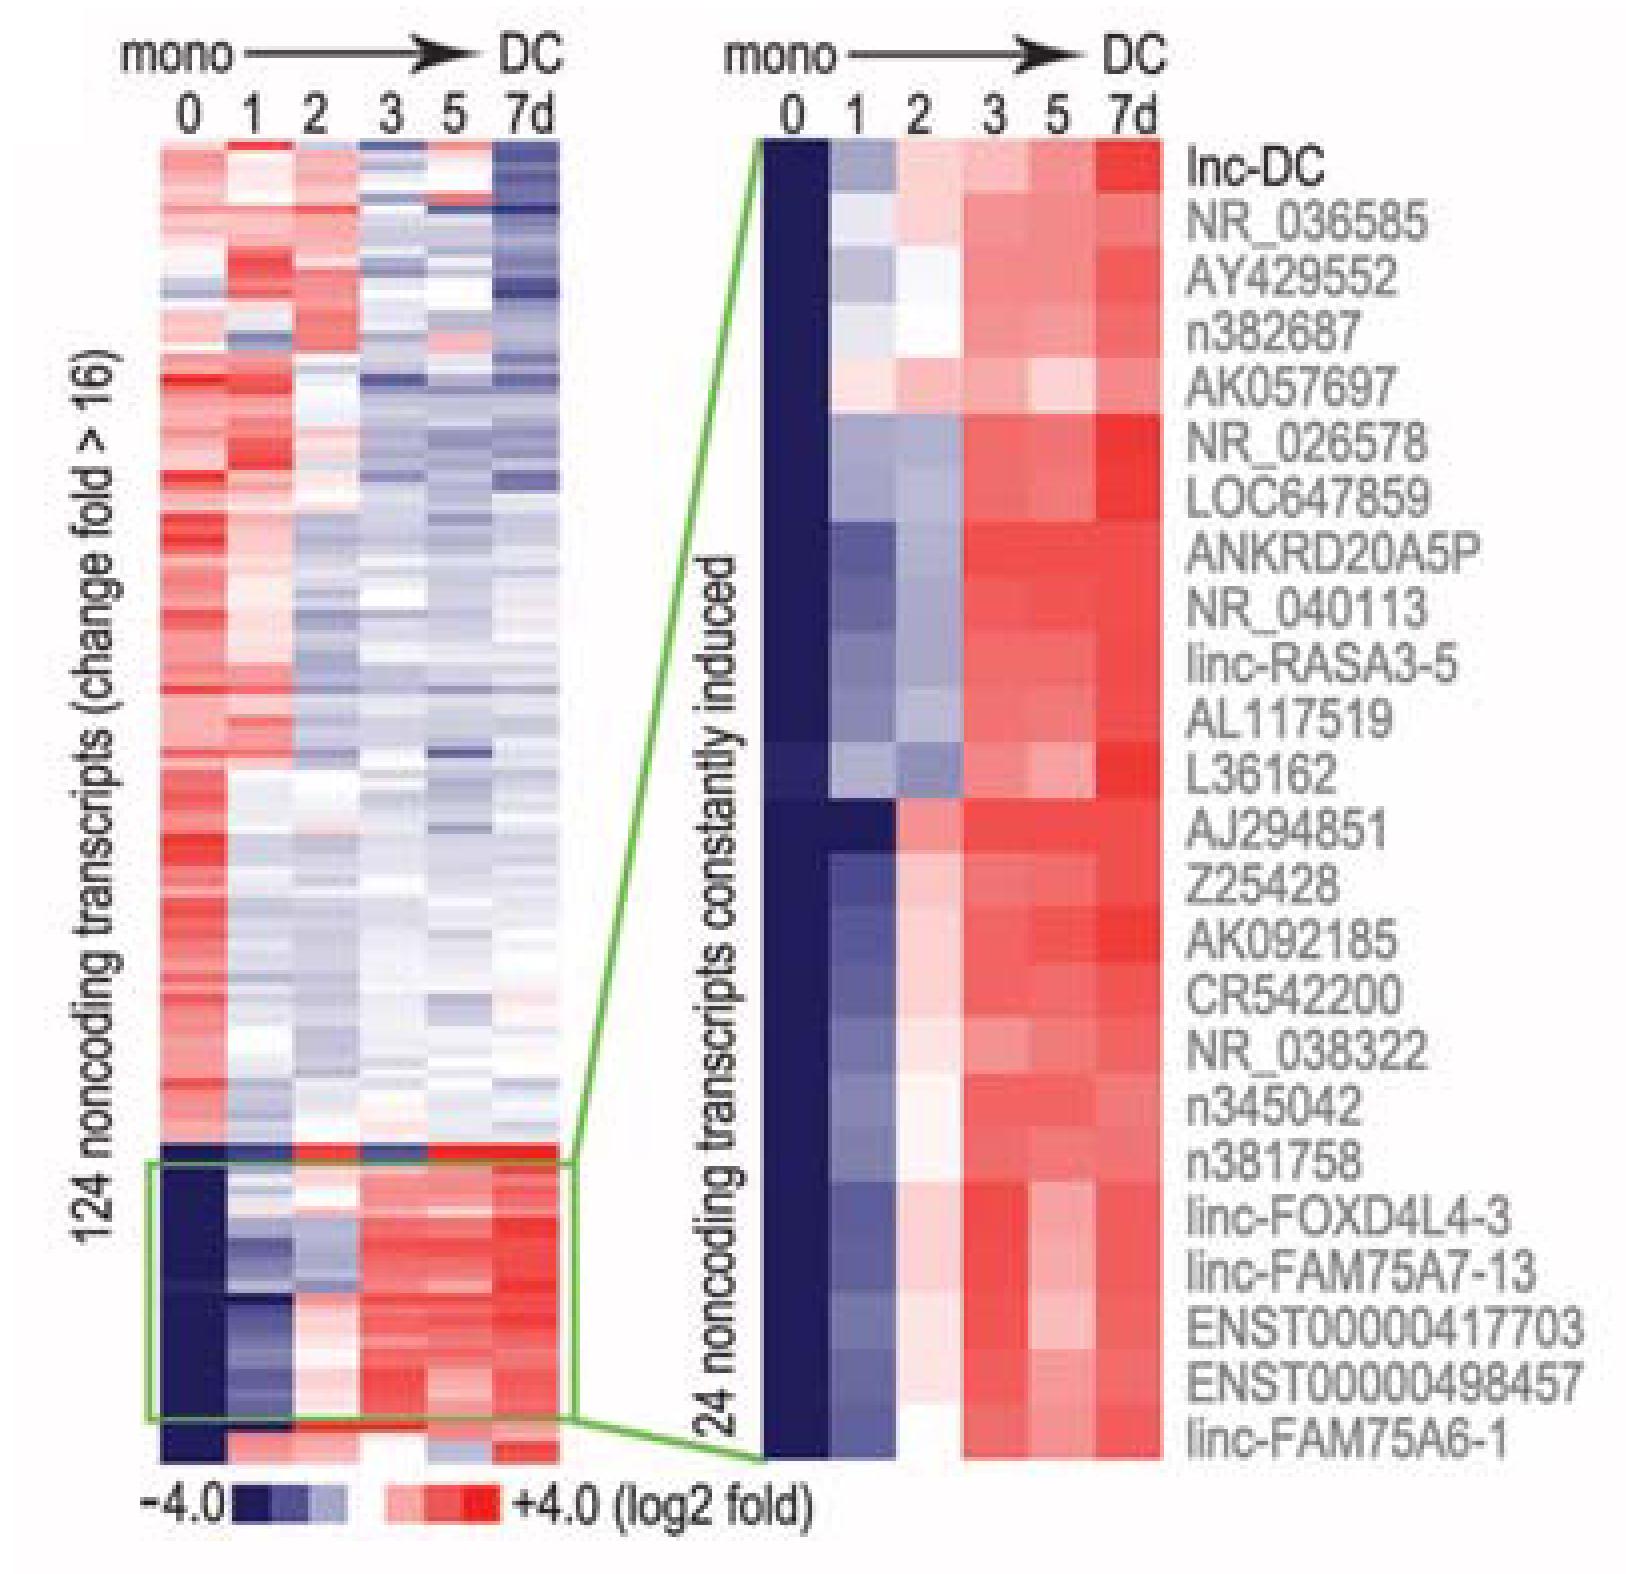 通过LncRNA测序筛选树突细胞分化的特异LncRNA